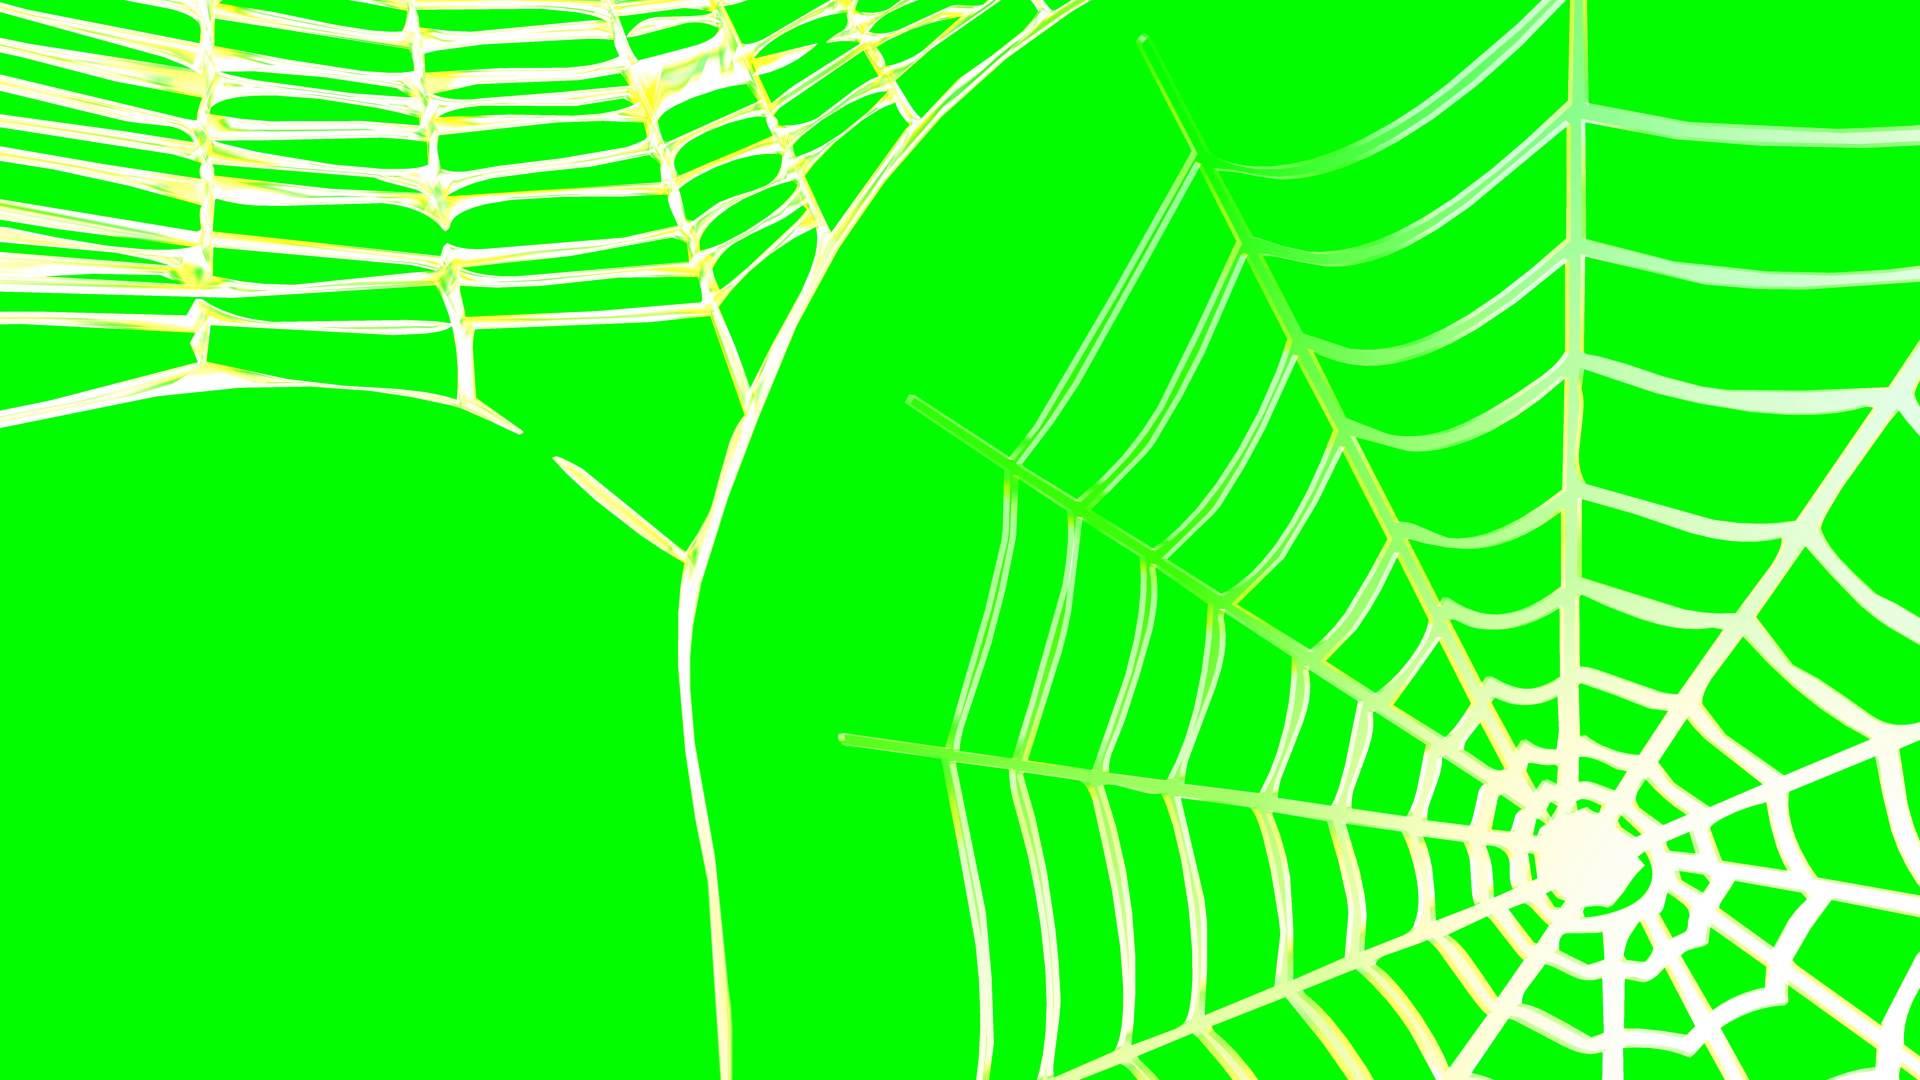 4K Spider Web Rotating Background Animation - YouTube